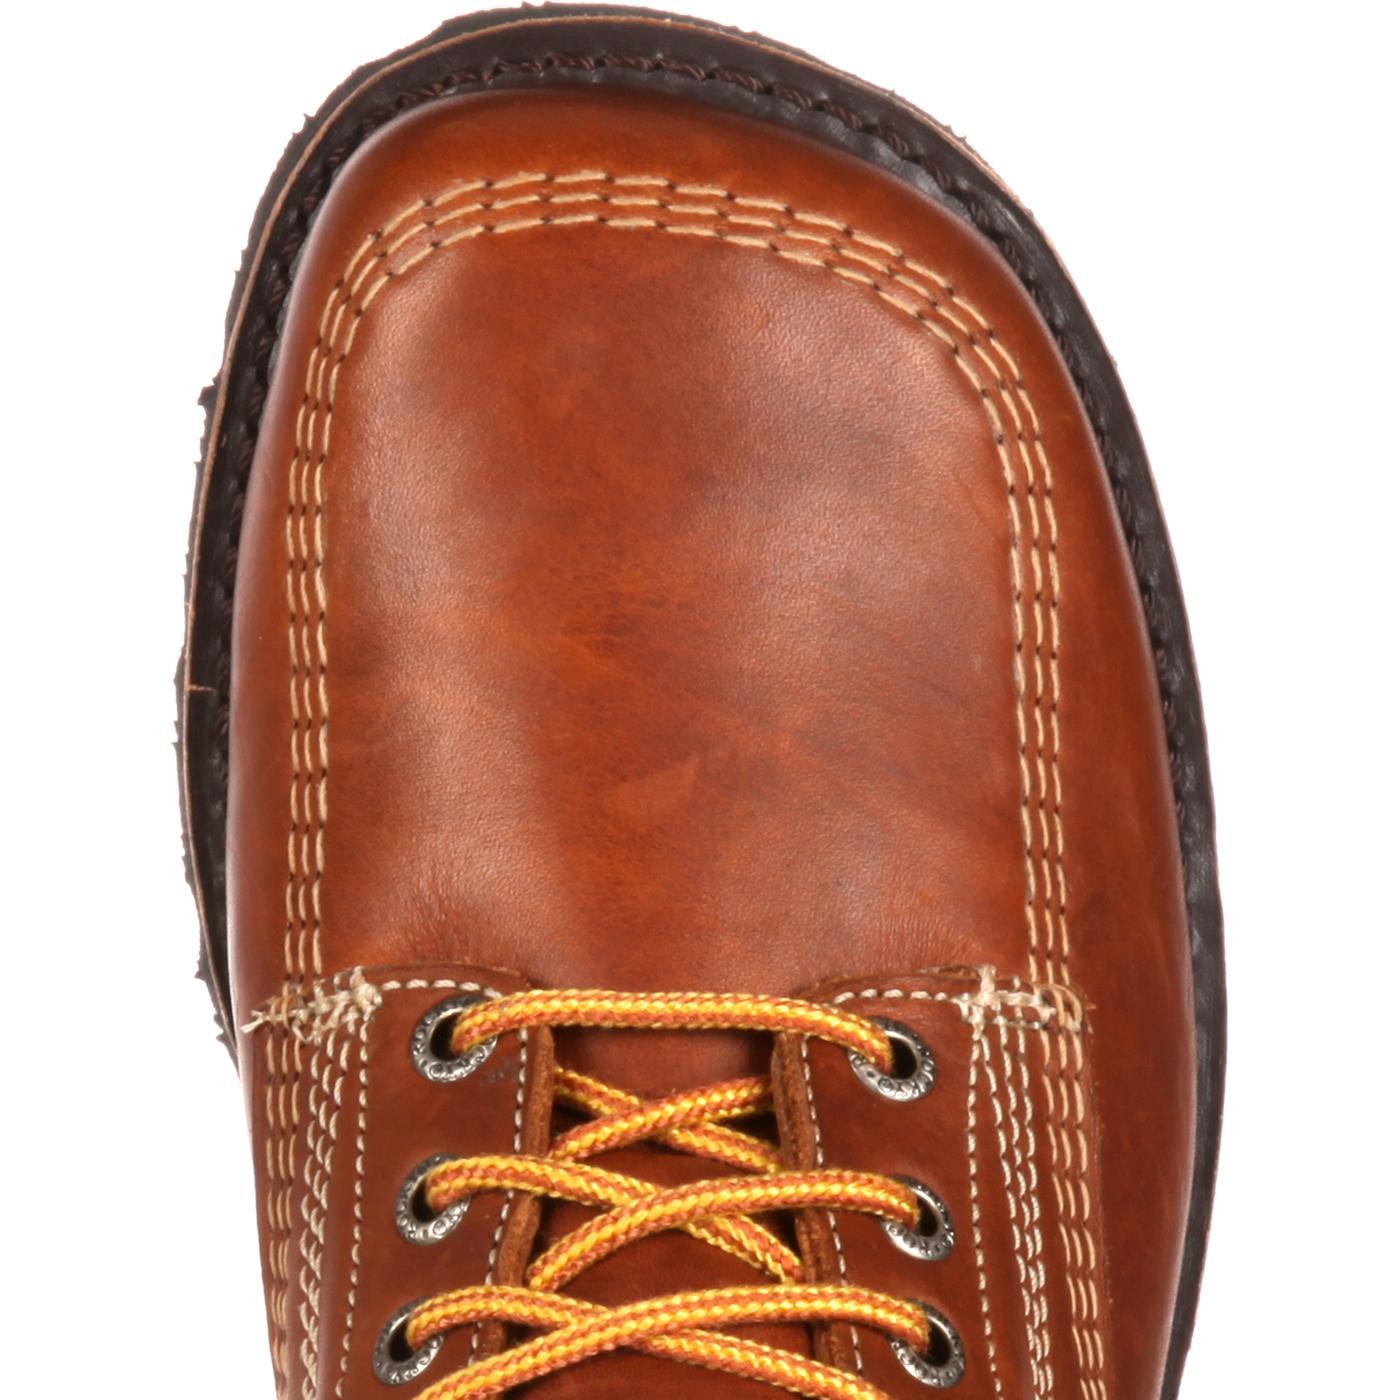 Vintage Oblique Toe Hiker Rocky Boots Original Rks0222